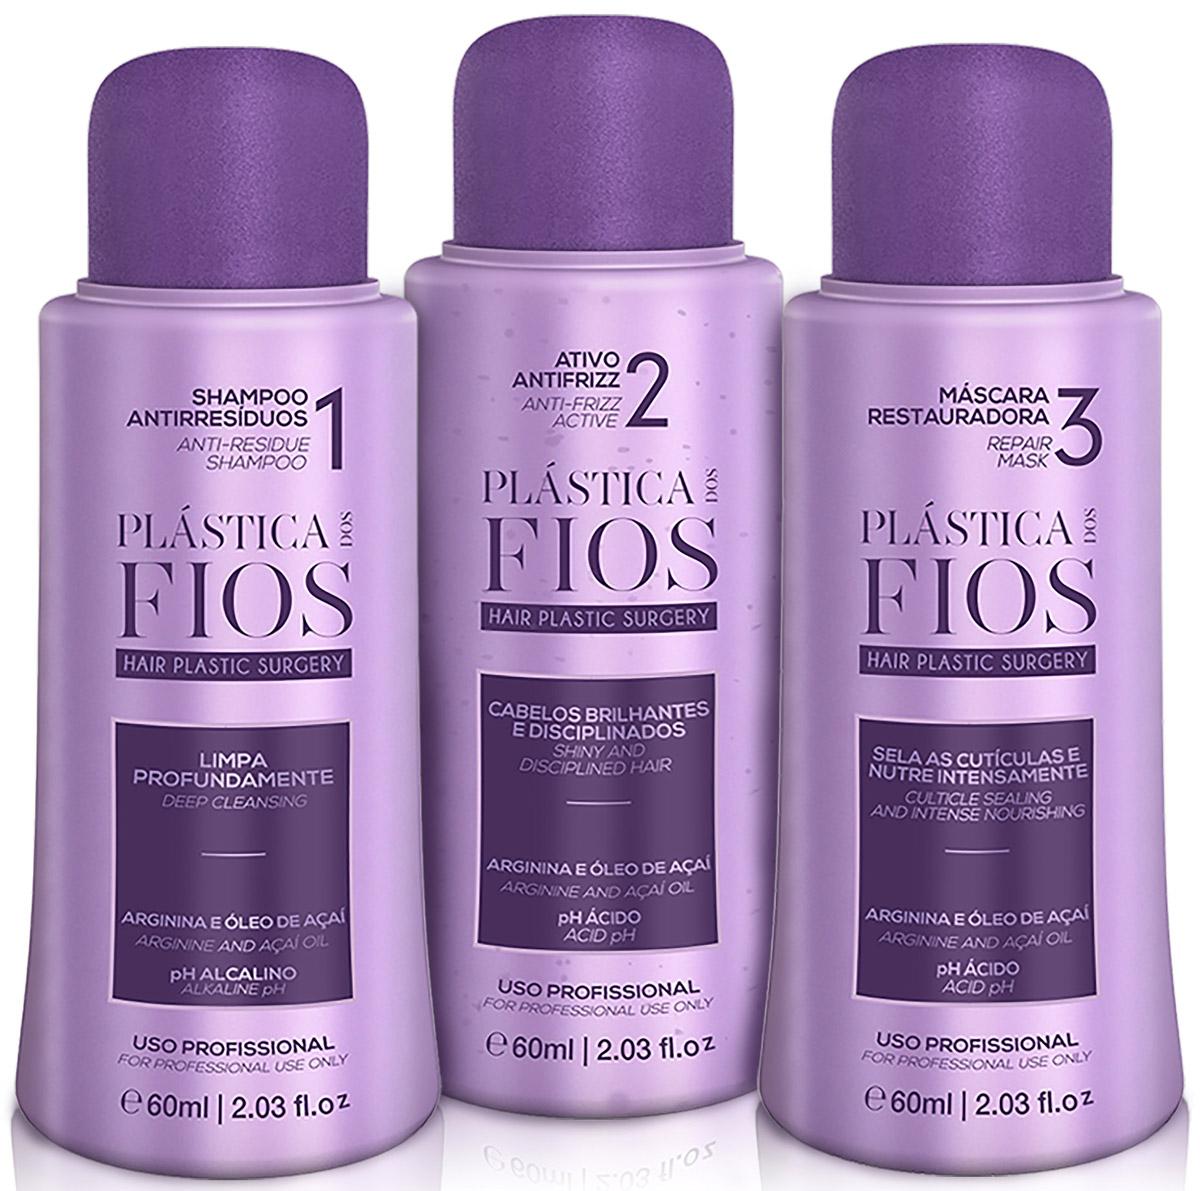 Plastica dos Fios Набор средств для кератинового выпрямления волос Kit ProfessionalCHPCHP.SHMP.Идеальный состав для тонких и поврежденных волос европейского типа. Восстанавливает структуру волос, восполняет кутикульный слой с помощью активных ингредиентов, делает волосы идеально прямыми, гладкими, блестящими и плотными на срок до 6 месяцев! В основе состава - уникальная ягода асаи, которая является сильнейшим антиоксидантом, а так же натуральные природные компоненты, способствующие максимальному восстановлению и реконструкции волос.